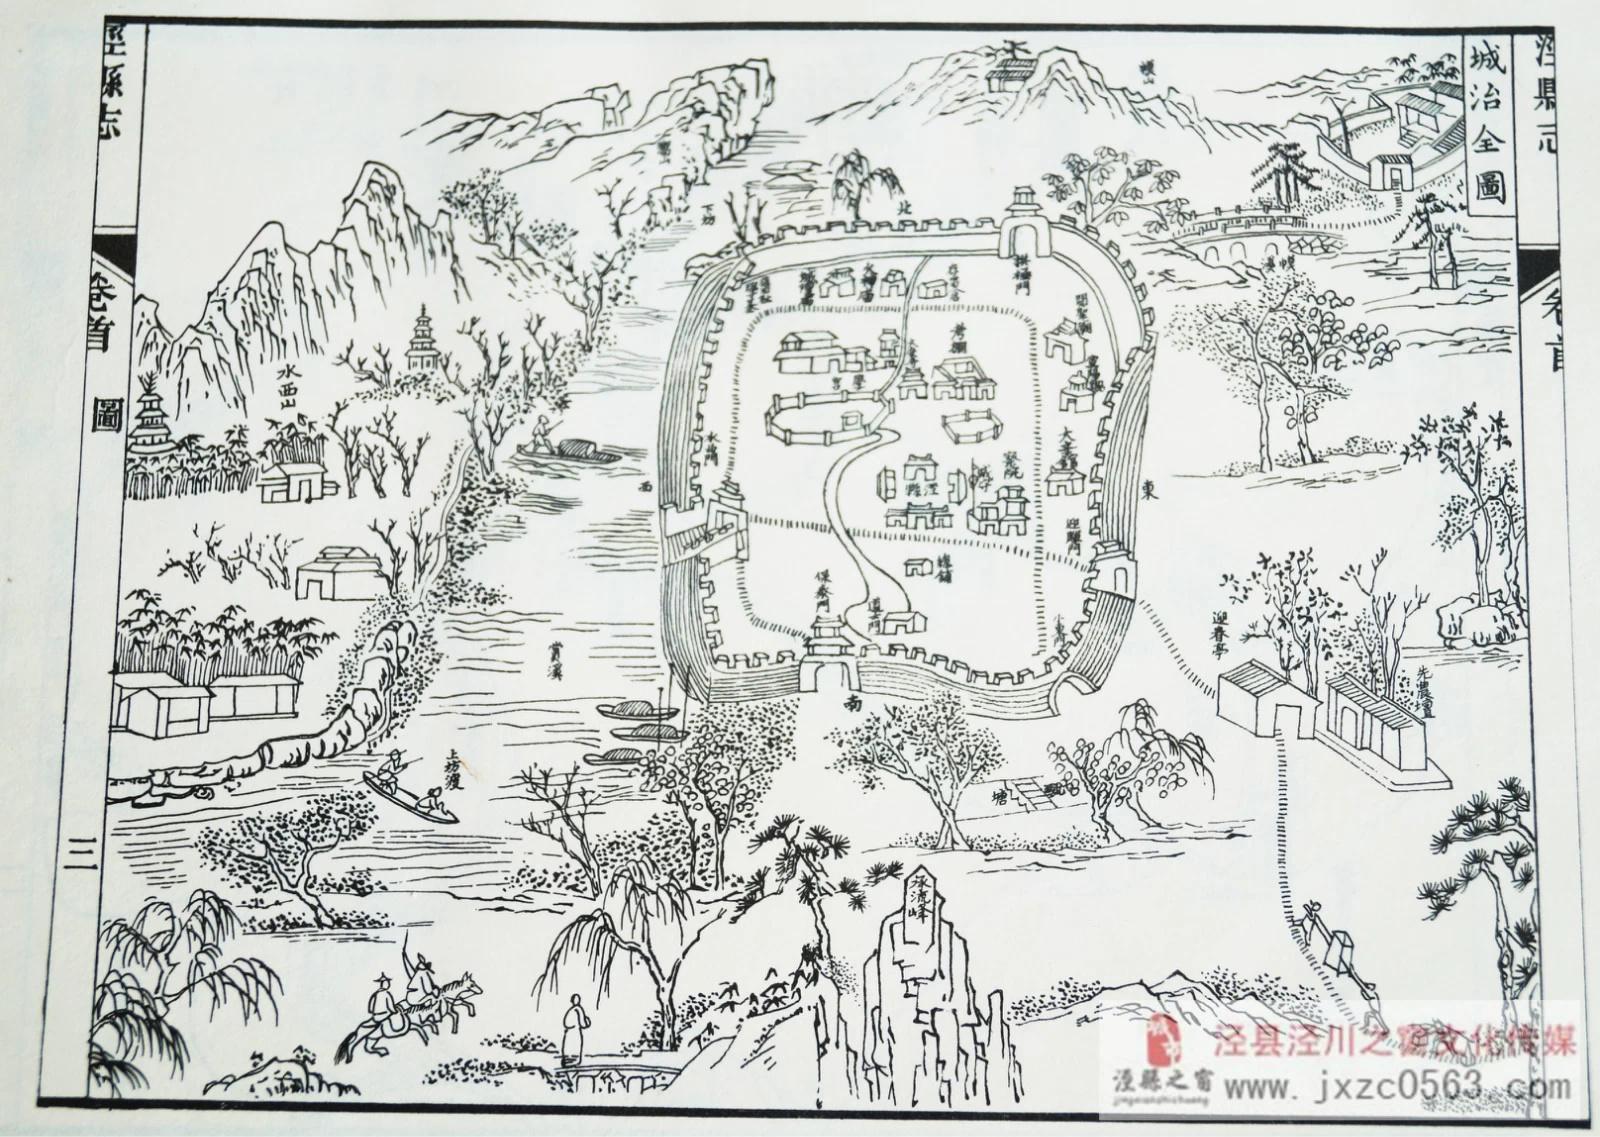 十年代的泾县城区地图